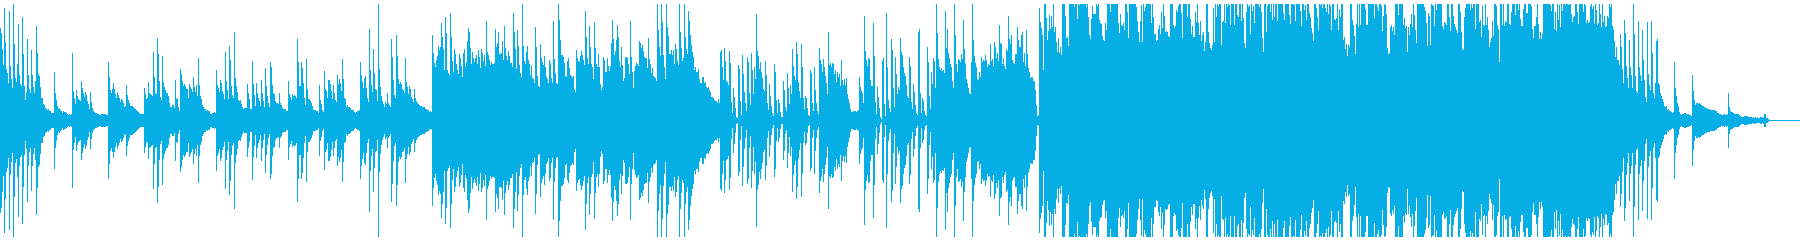 和風 ピアノソロ 遥かなるときの流れの再生済みの波形